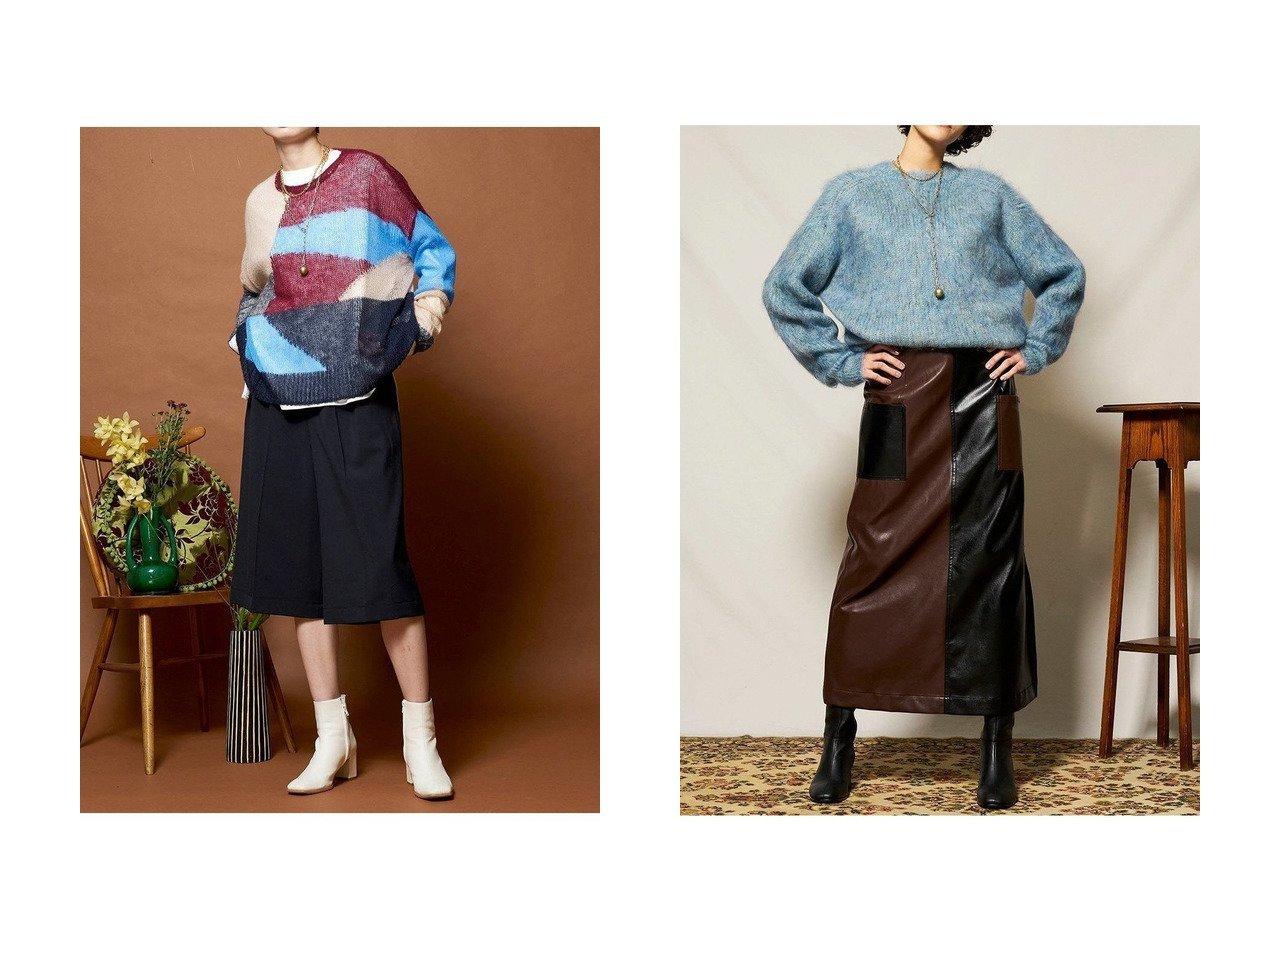 【MAISON SPECIAL/メゾンスペシャル】のブロッキングモヘアニットセーター&モヘヤミックスニットプルオーバー トップス・カットソーのおすすめ!人気、レディースファッションの通販 おすすめで人気のファッション通販商品 インテリア・家具・キッズファッション・メンズファッション・レディースファッション・服の通販 founy(ファニー) https://founy.com/ ファッション Fashion レディース WOMEN トップス Tops Tshirt ニット Knit Tops プルオーバー Pullover インナー シアー セーター ブロッキング モヘヤ 軽量 シルク センター ワンポイント 秋冬 A/W Autumn/ Winter |ID:crp329100000001904